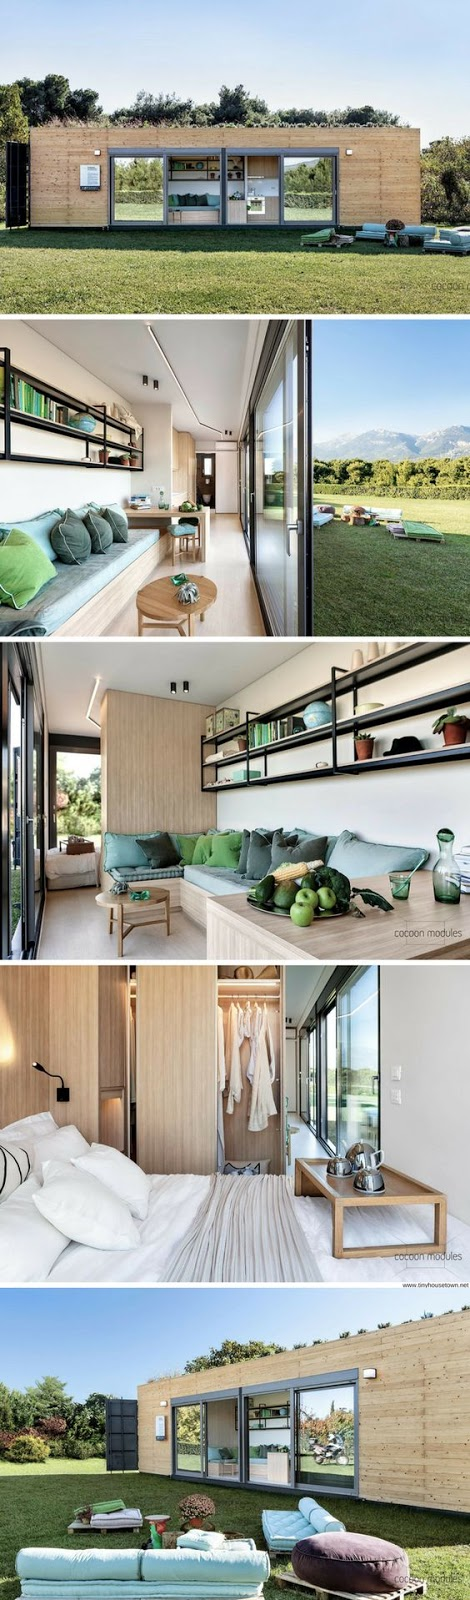 Variedades, casas sustentáveis, casas ecológicas, eco houses, dicas de decoração, Inspiração, adobe, super adobe, cob, casa de campo, casa na montanha